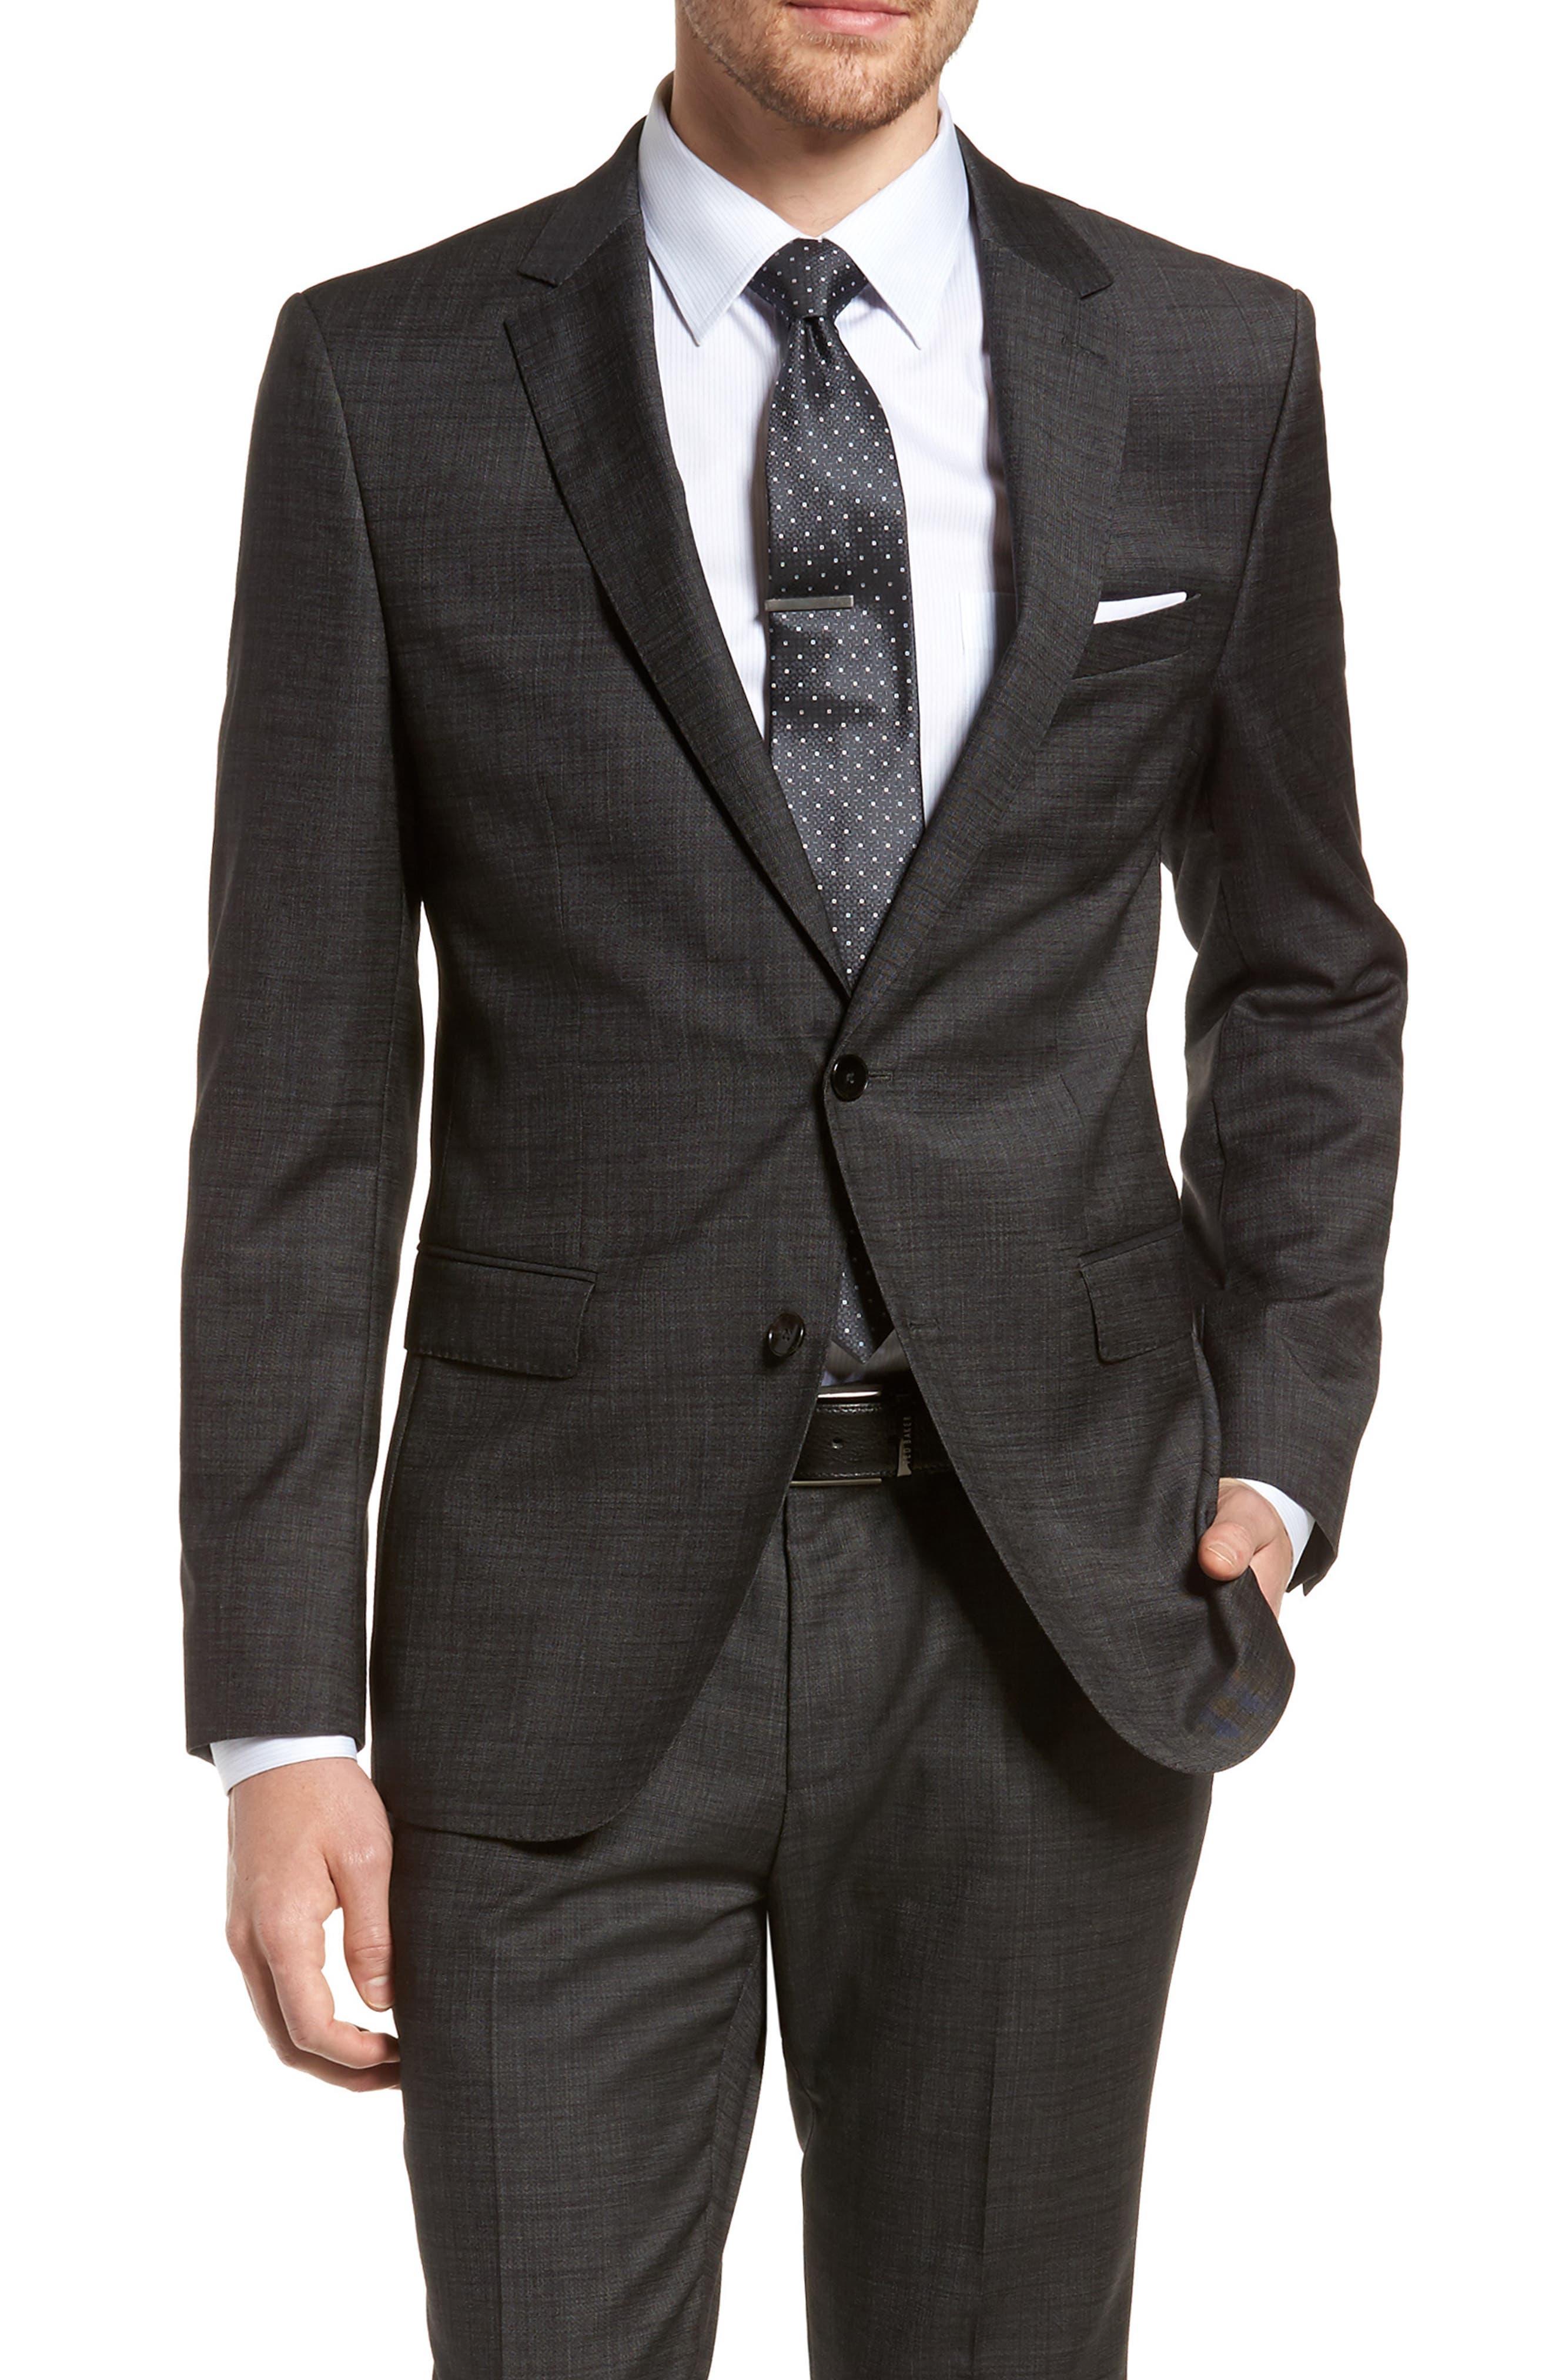 Novan/Ben Trim Fit Solid Wool Suit,                             Alternate thumbnail 5, color,                             001